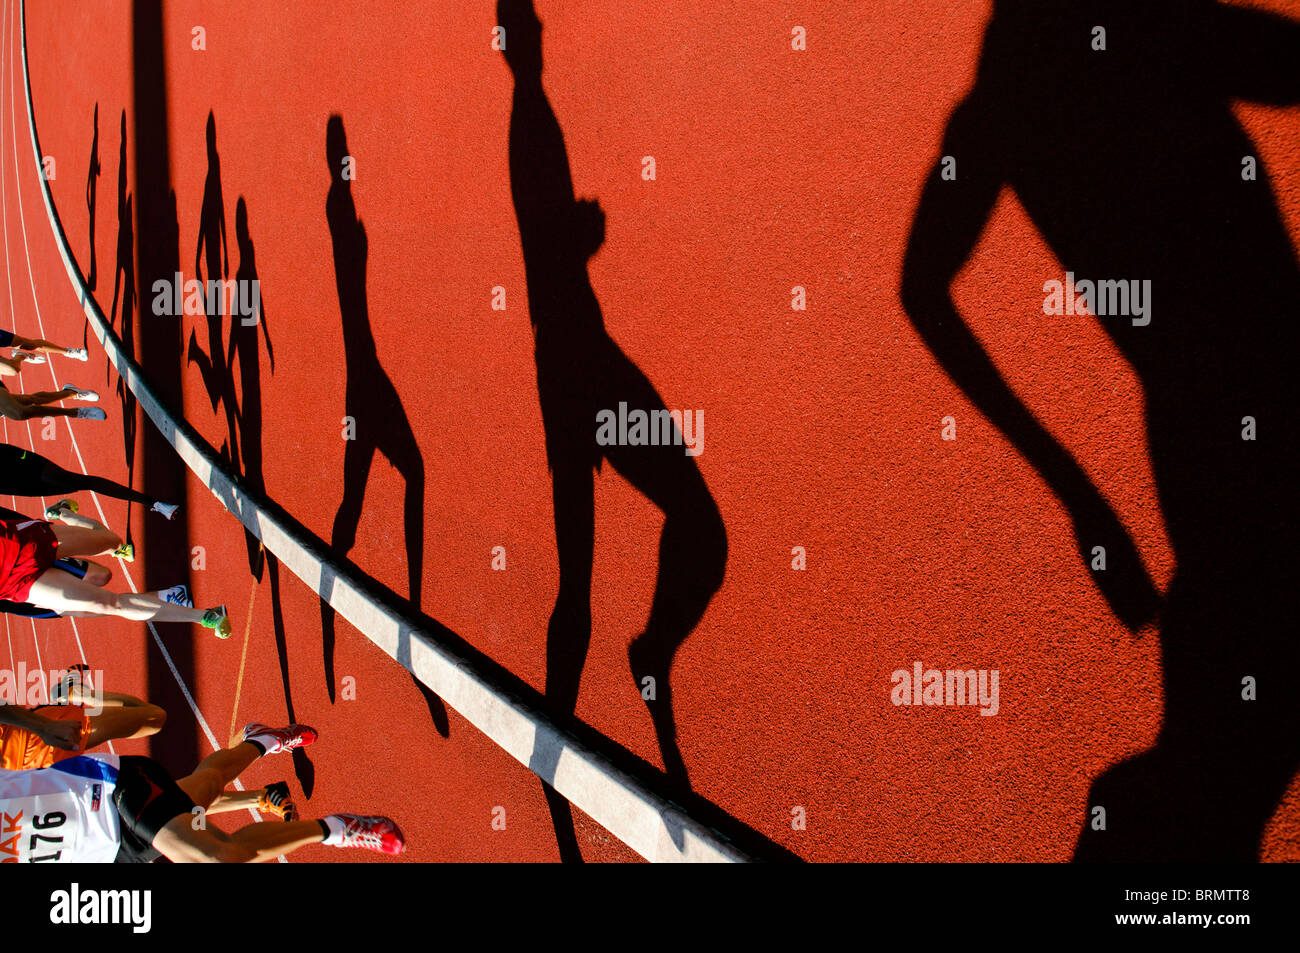 Schatten der Läufer im 800-Meter-Lauf bei Outdoor-Leichtathletik-Wettbewerb Stockbild